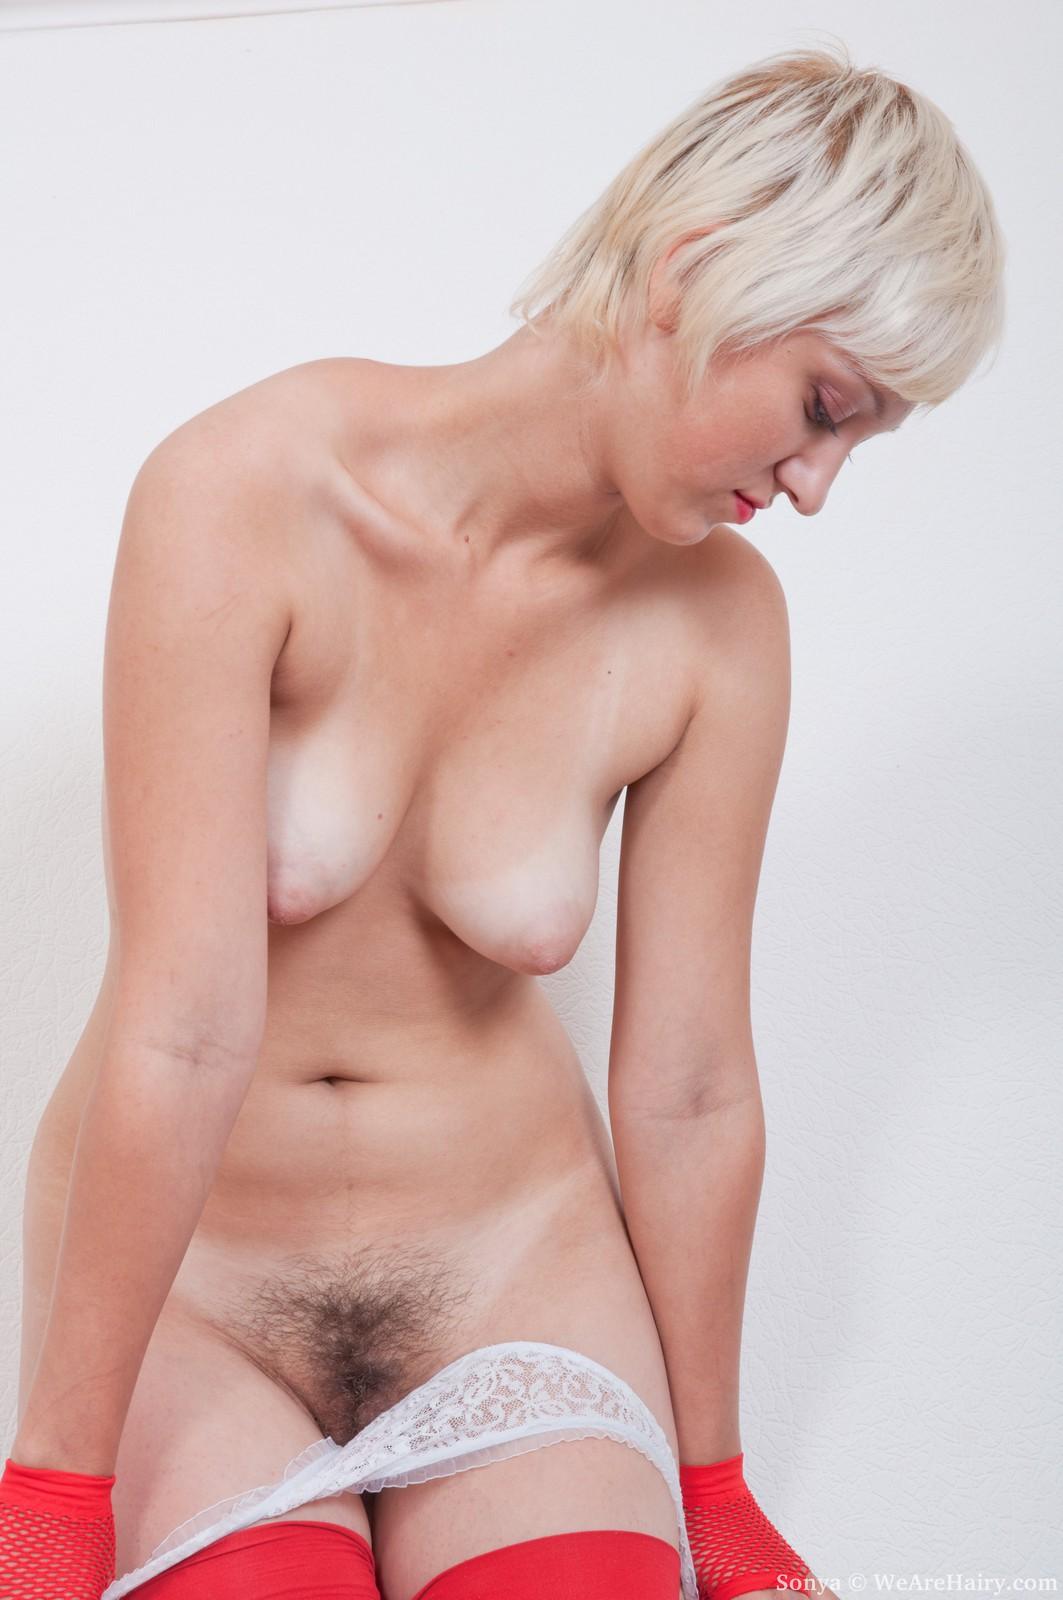 linda so explicit sex